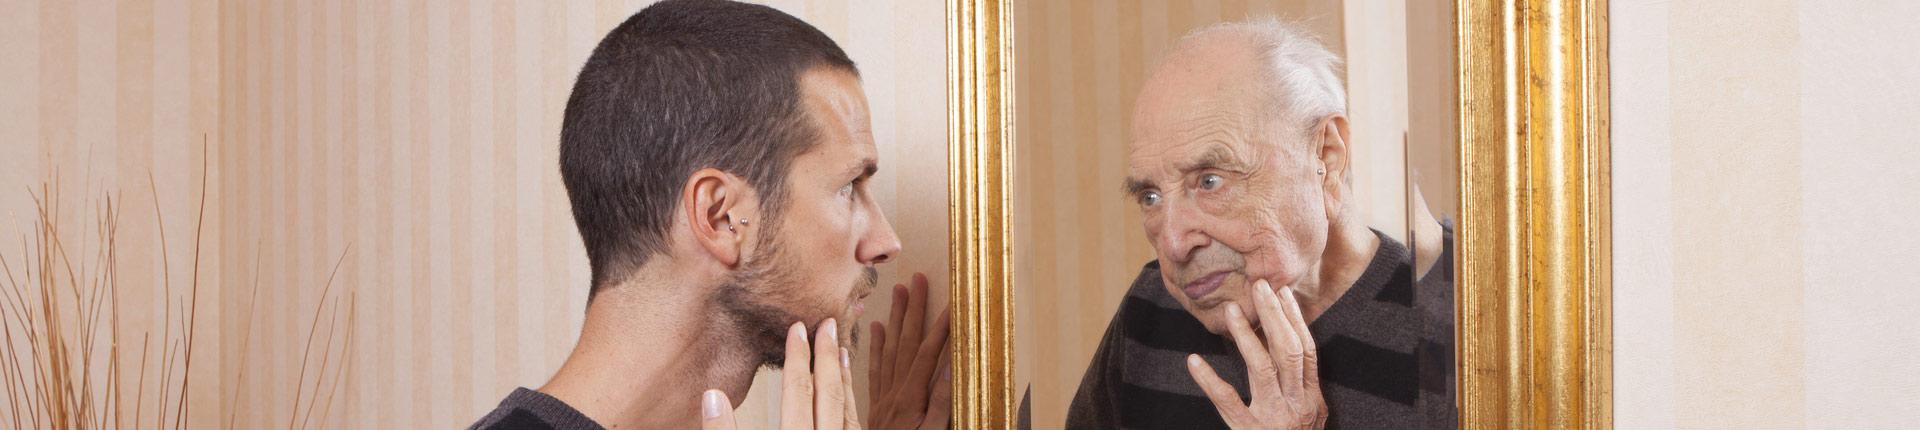 Co tak naprawdę sprawia, że się starzejemy?